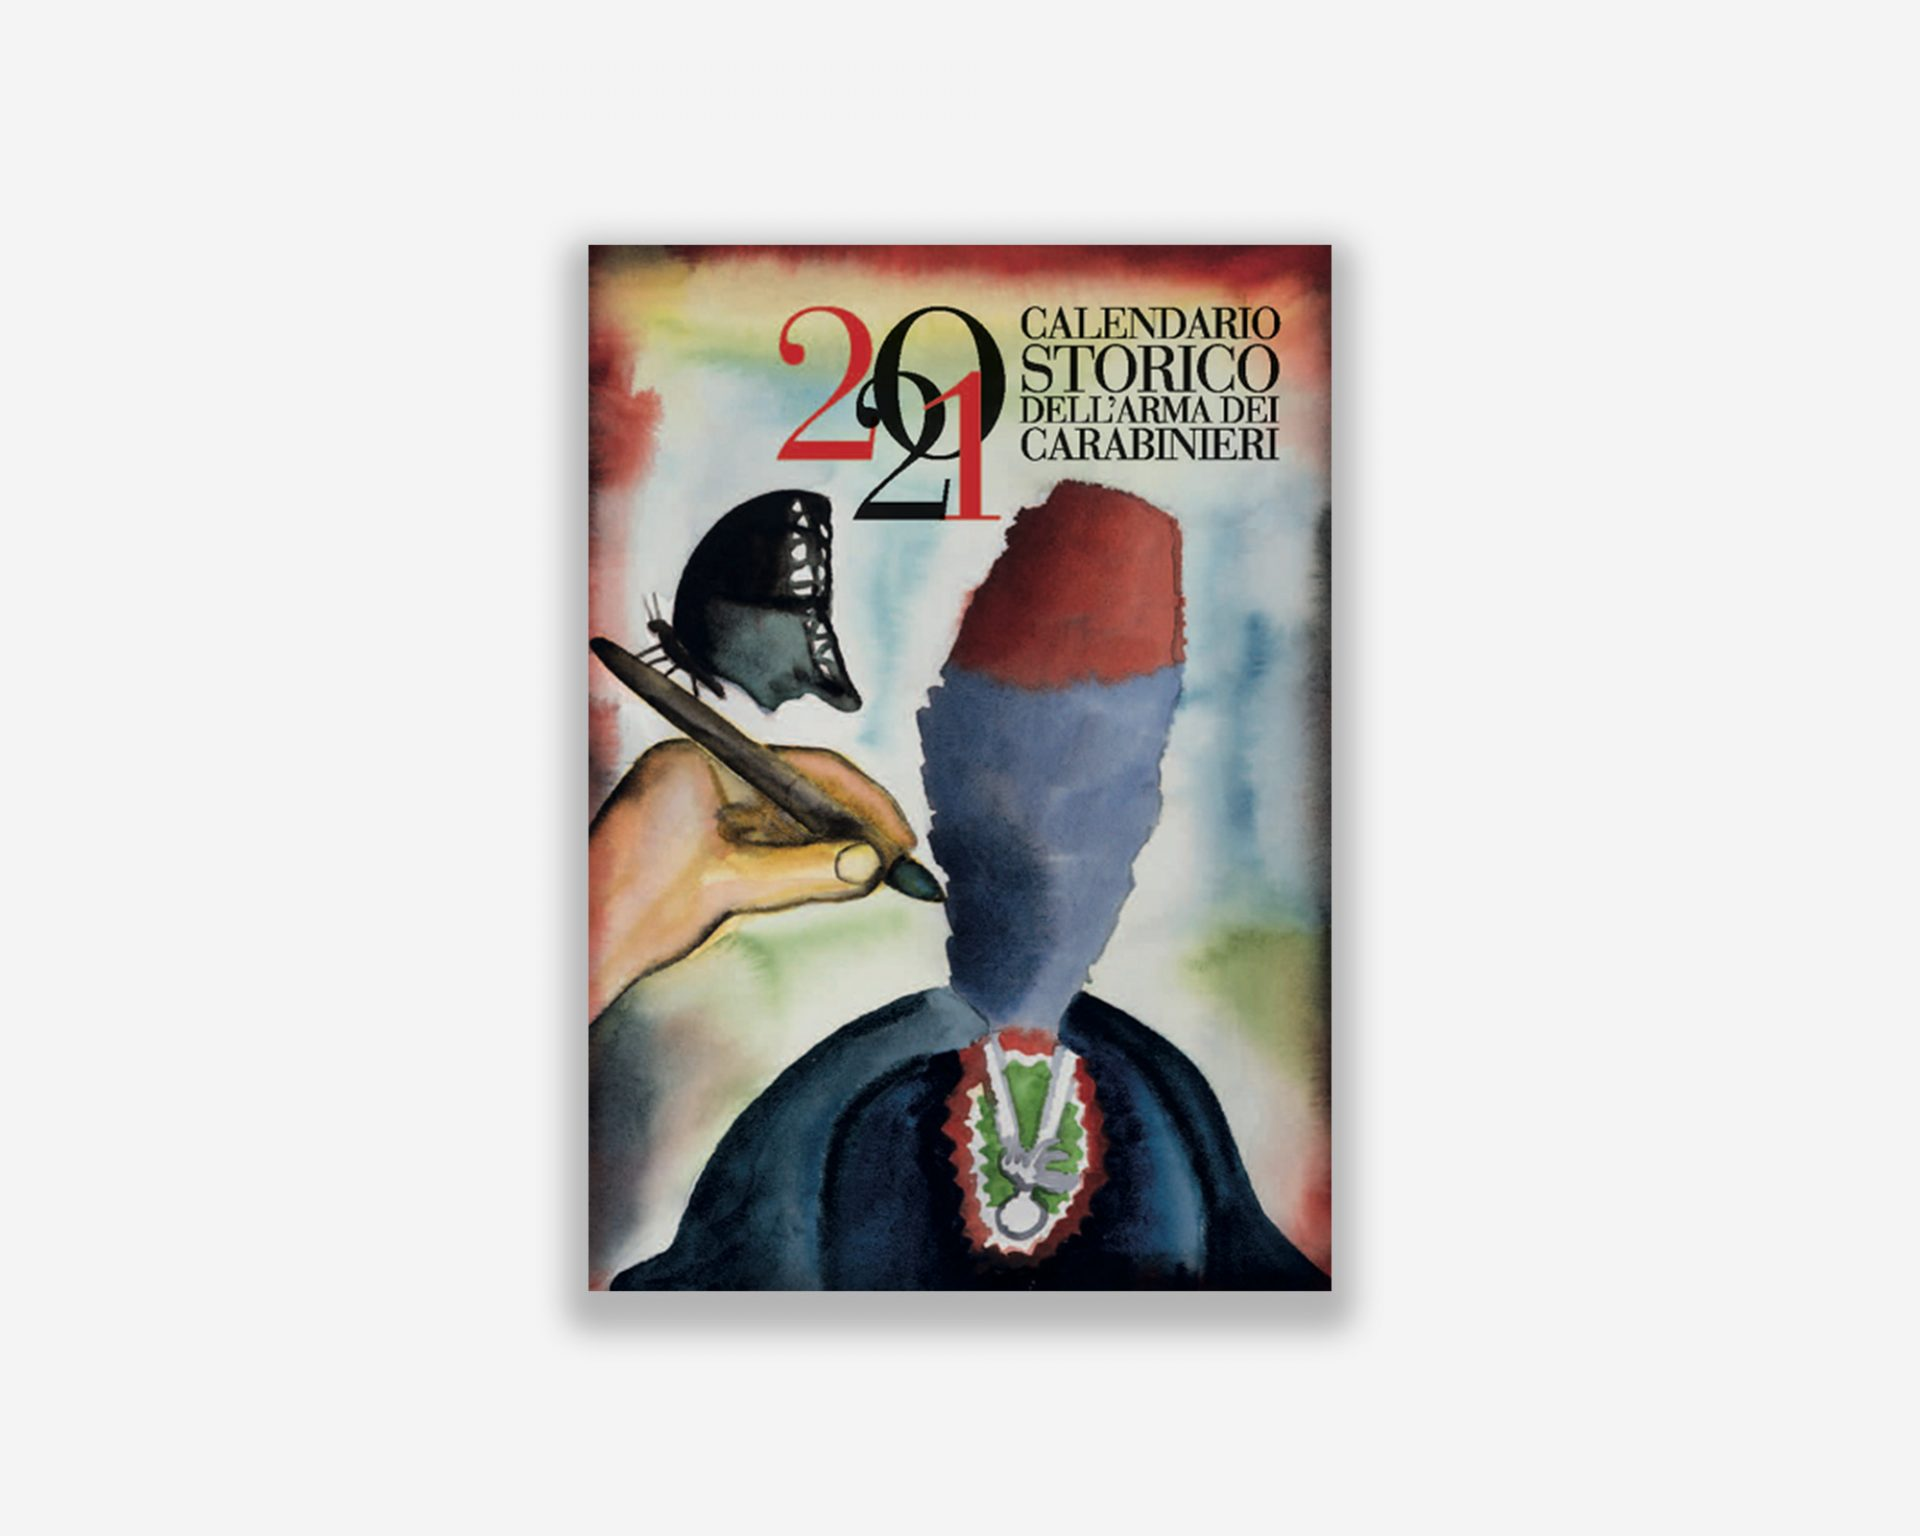 Francesco Clemente: Historical calendar 2021